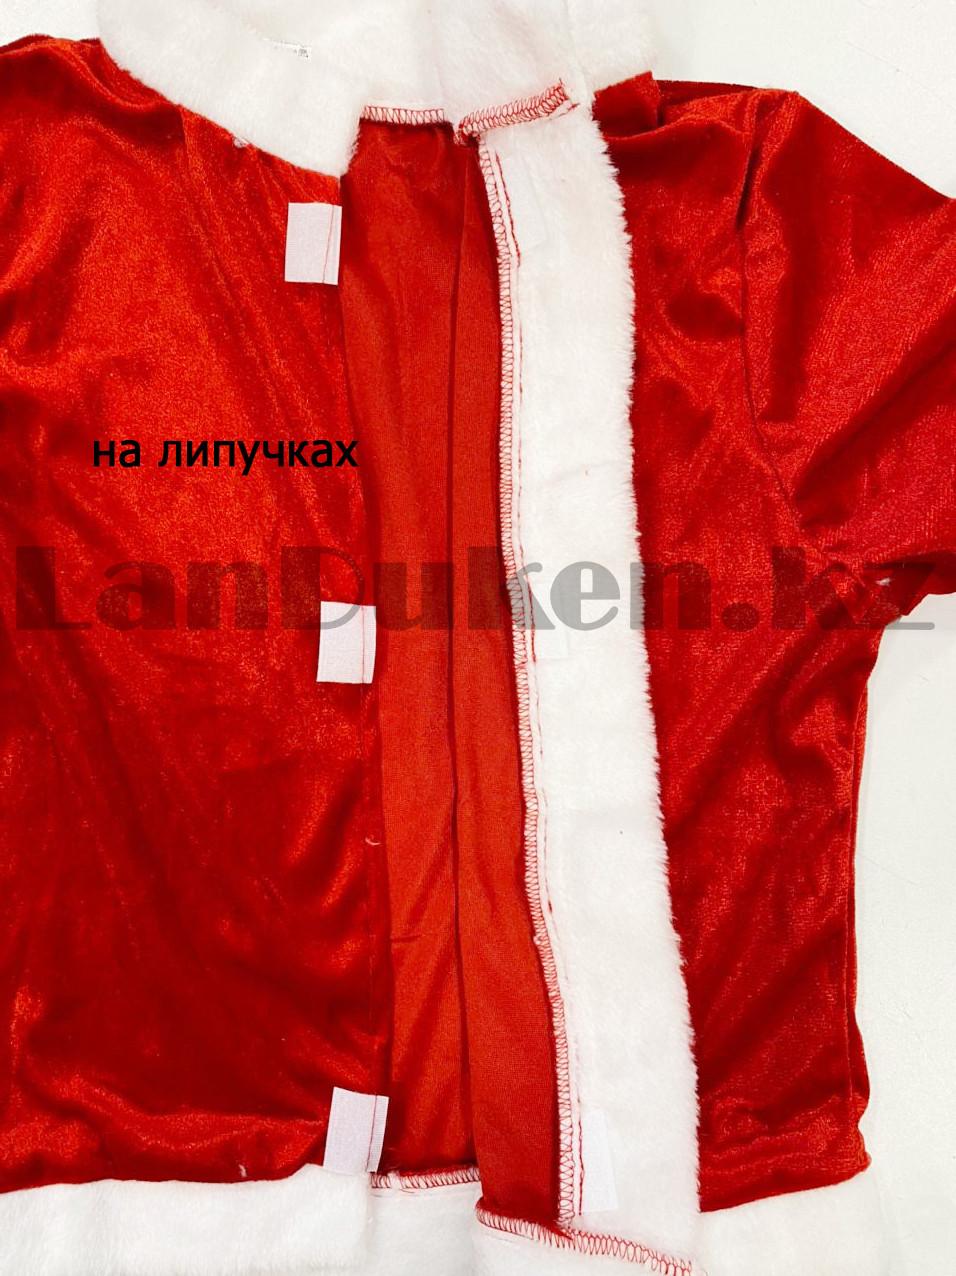 Костюм детский карнавальный раздельный Деда Мороза Аяз Ата красный - фото 5